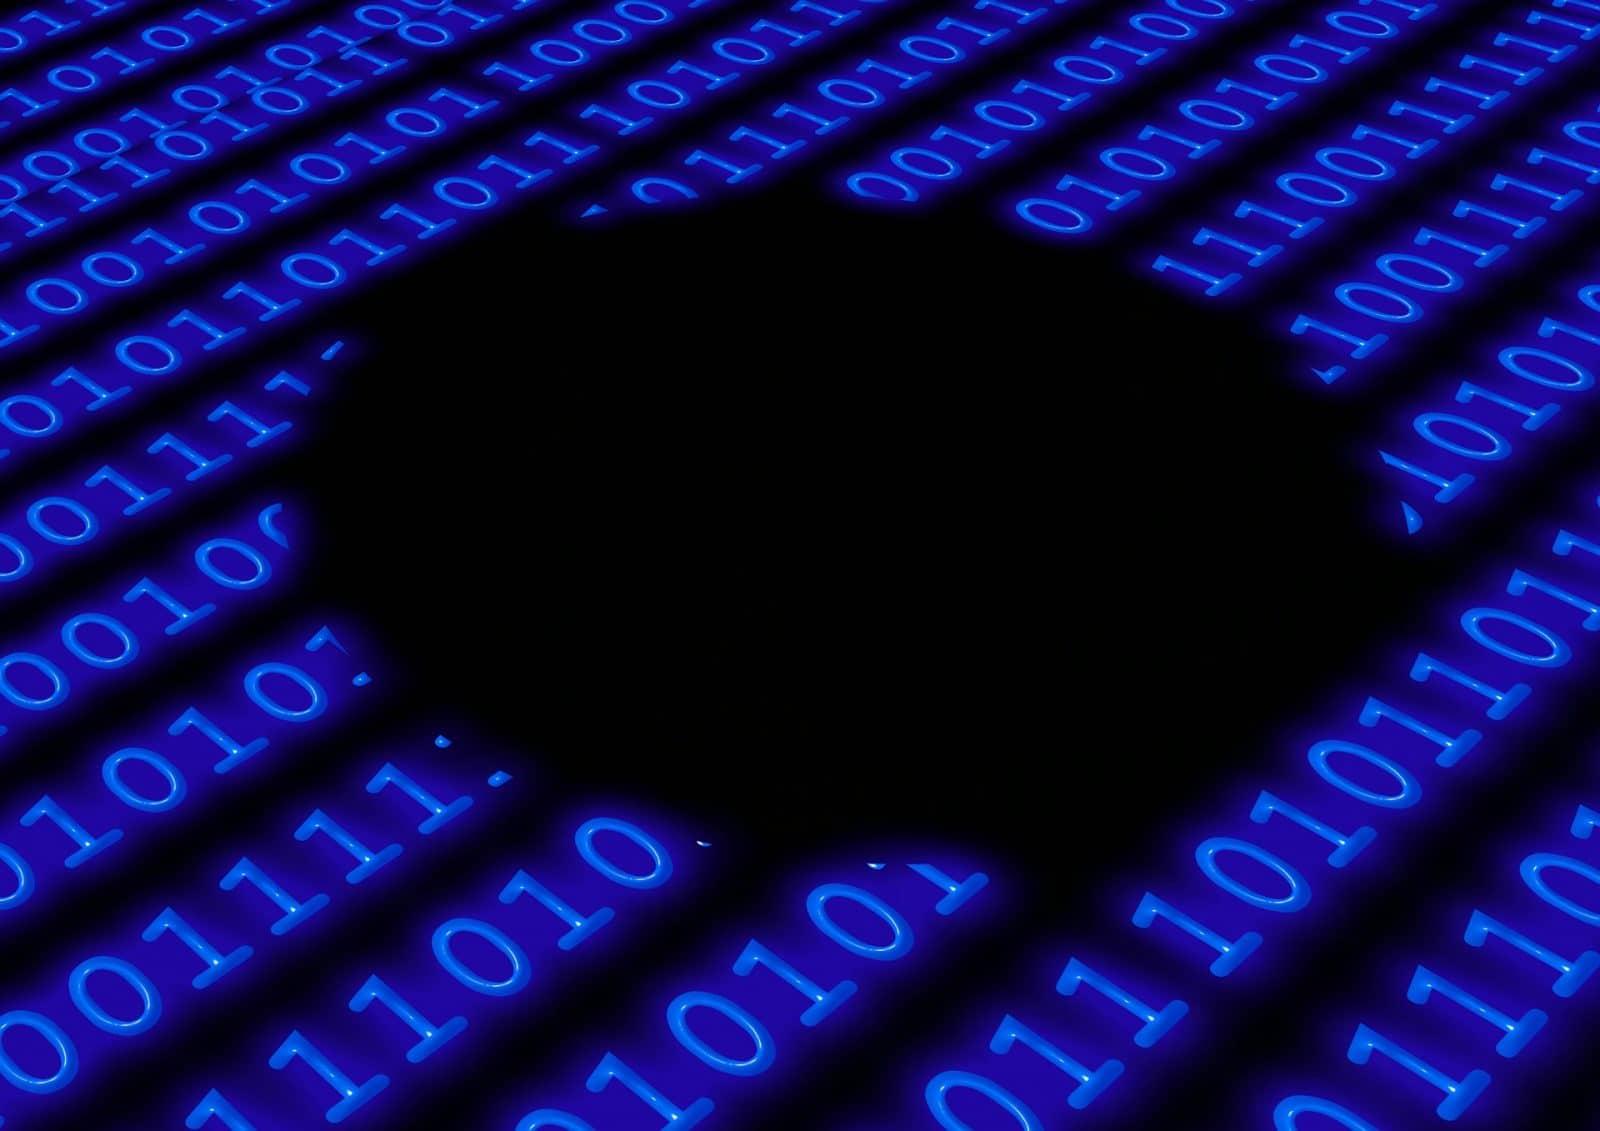 Meldepflicht bei Datenpanne